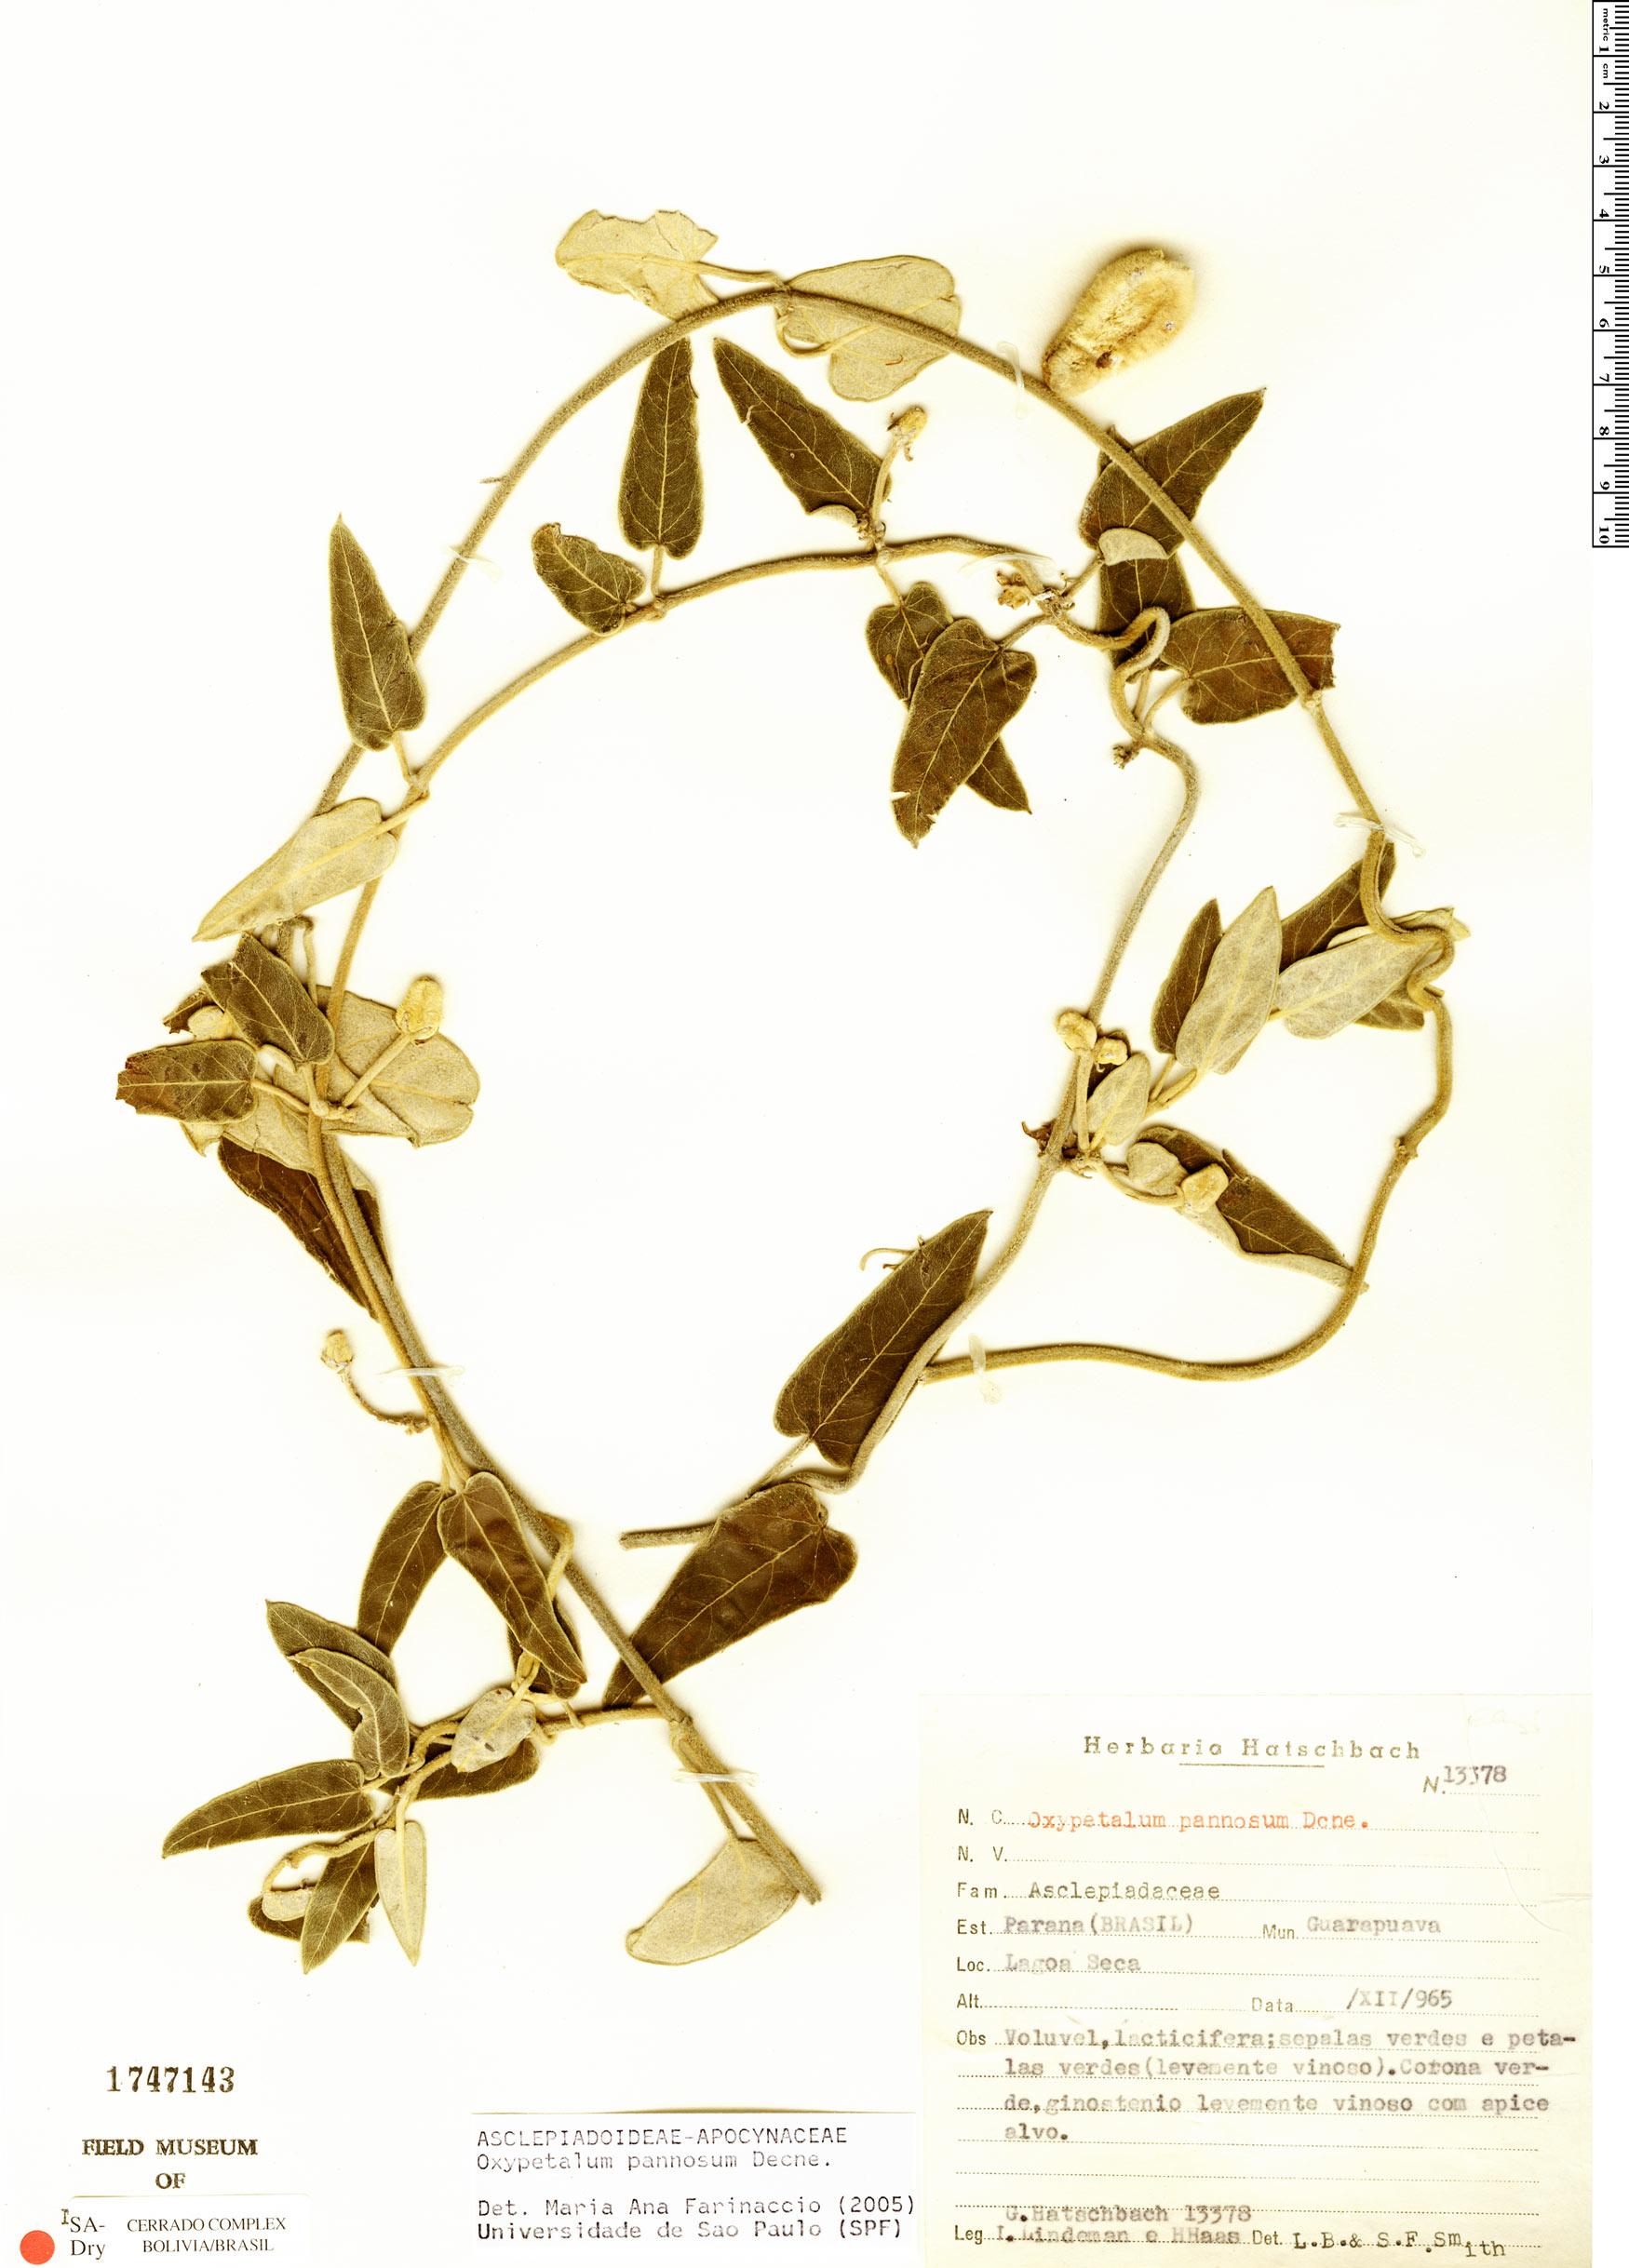 Specimen: Oxypetalum pannosum